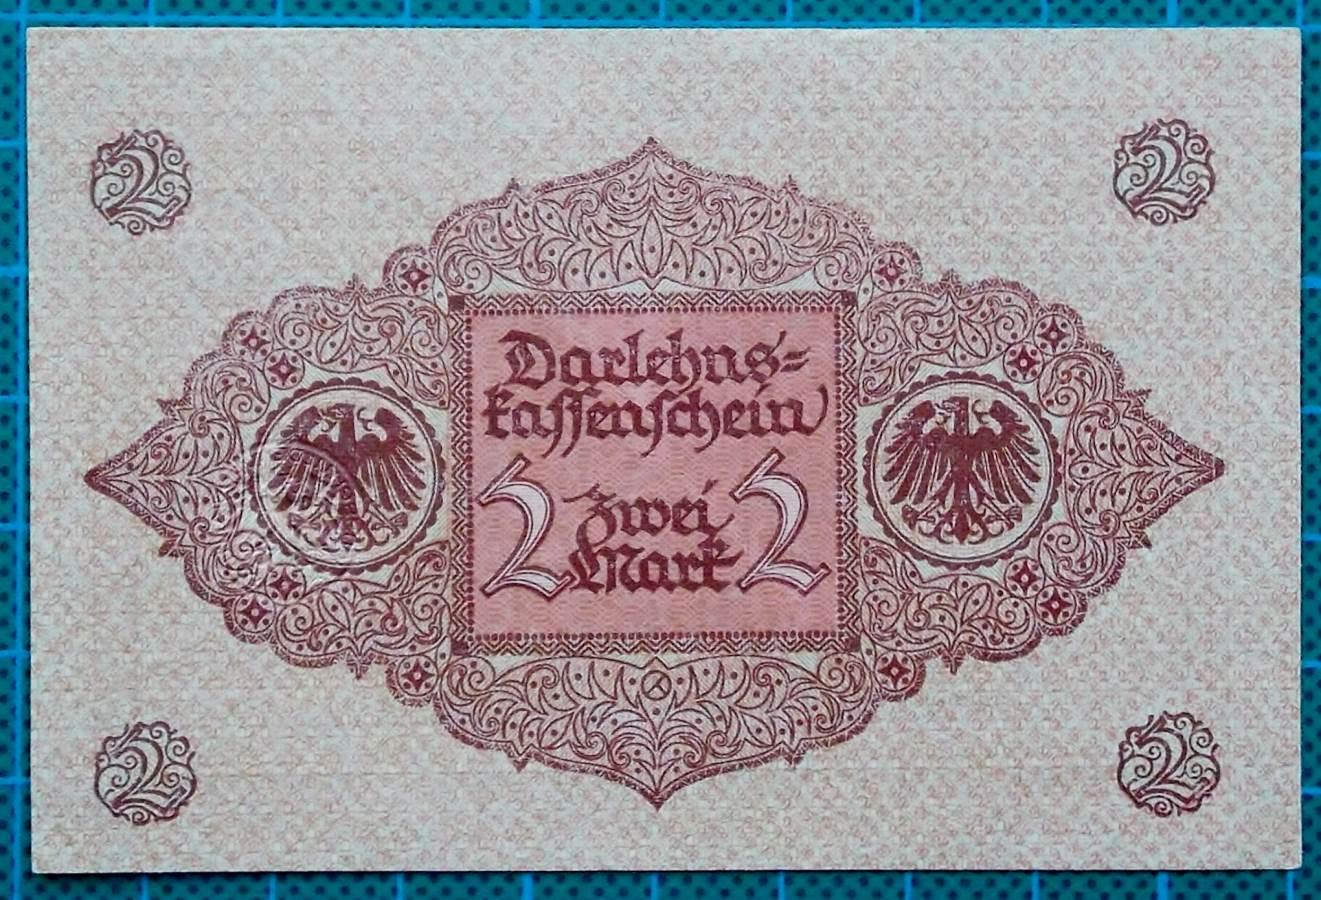 1920 DARLEHNSKASSENSCHEIN 2 MARK EMERGENCY MONEY